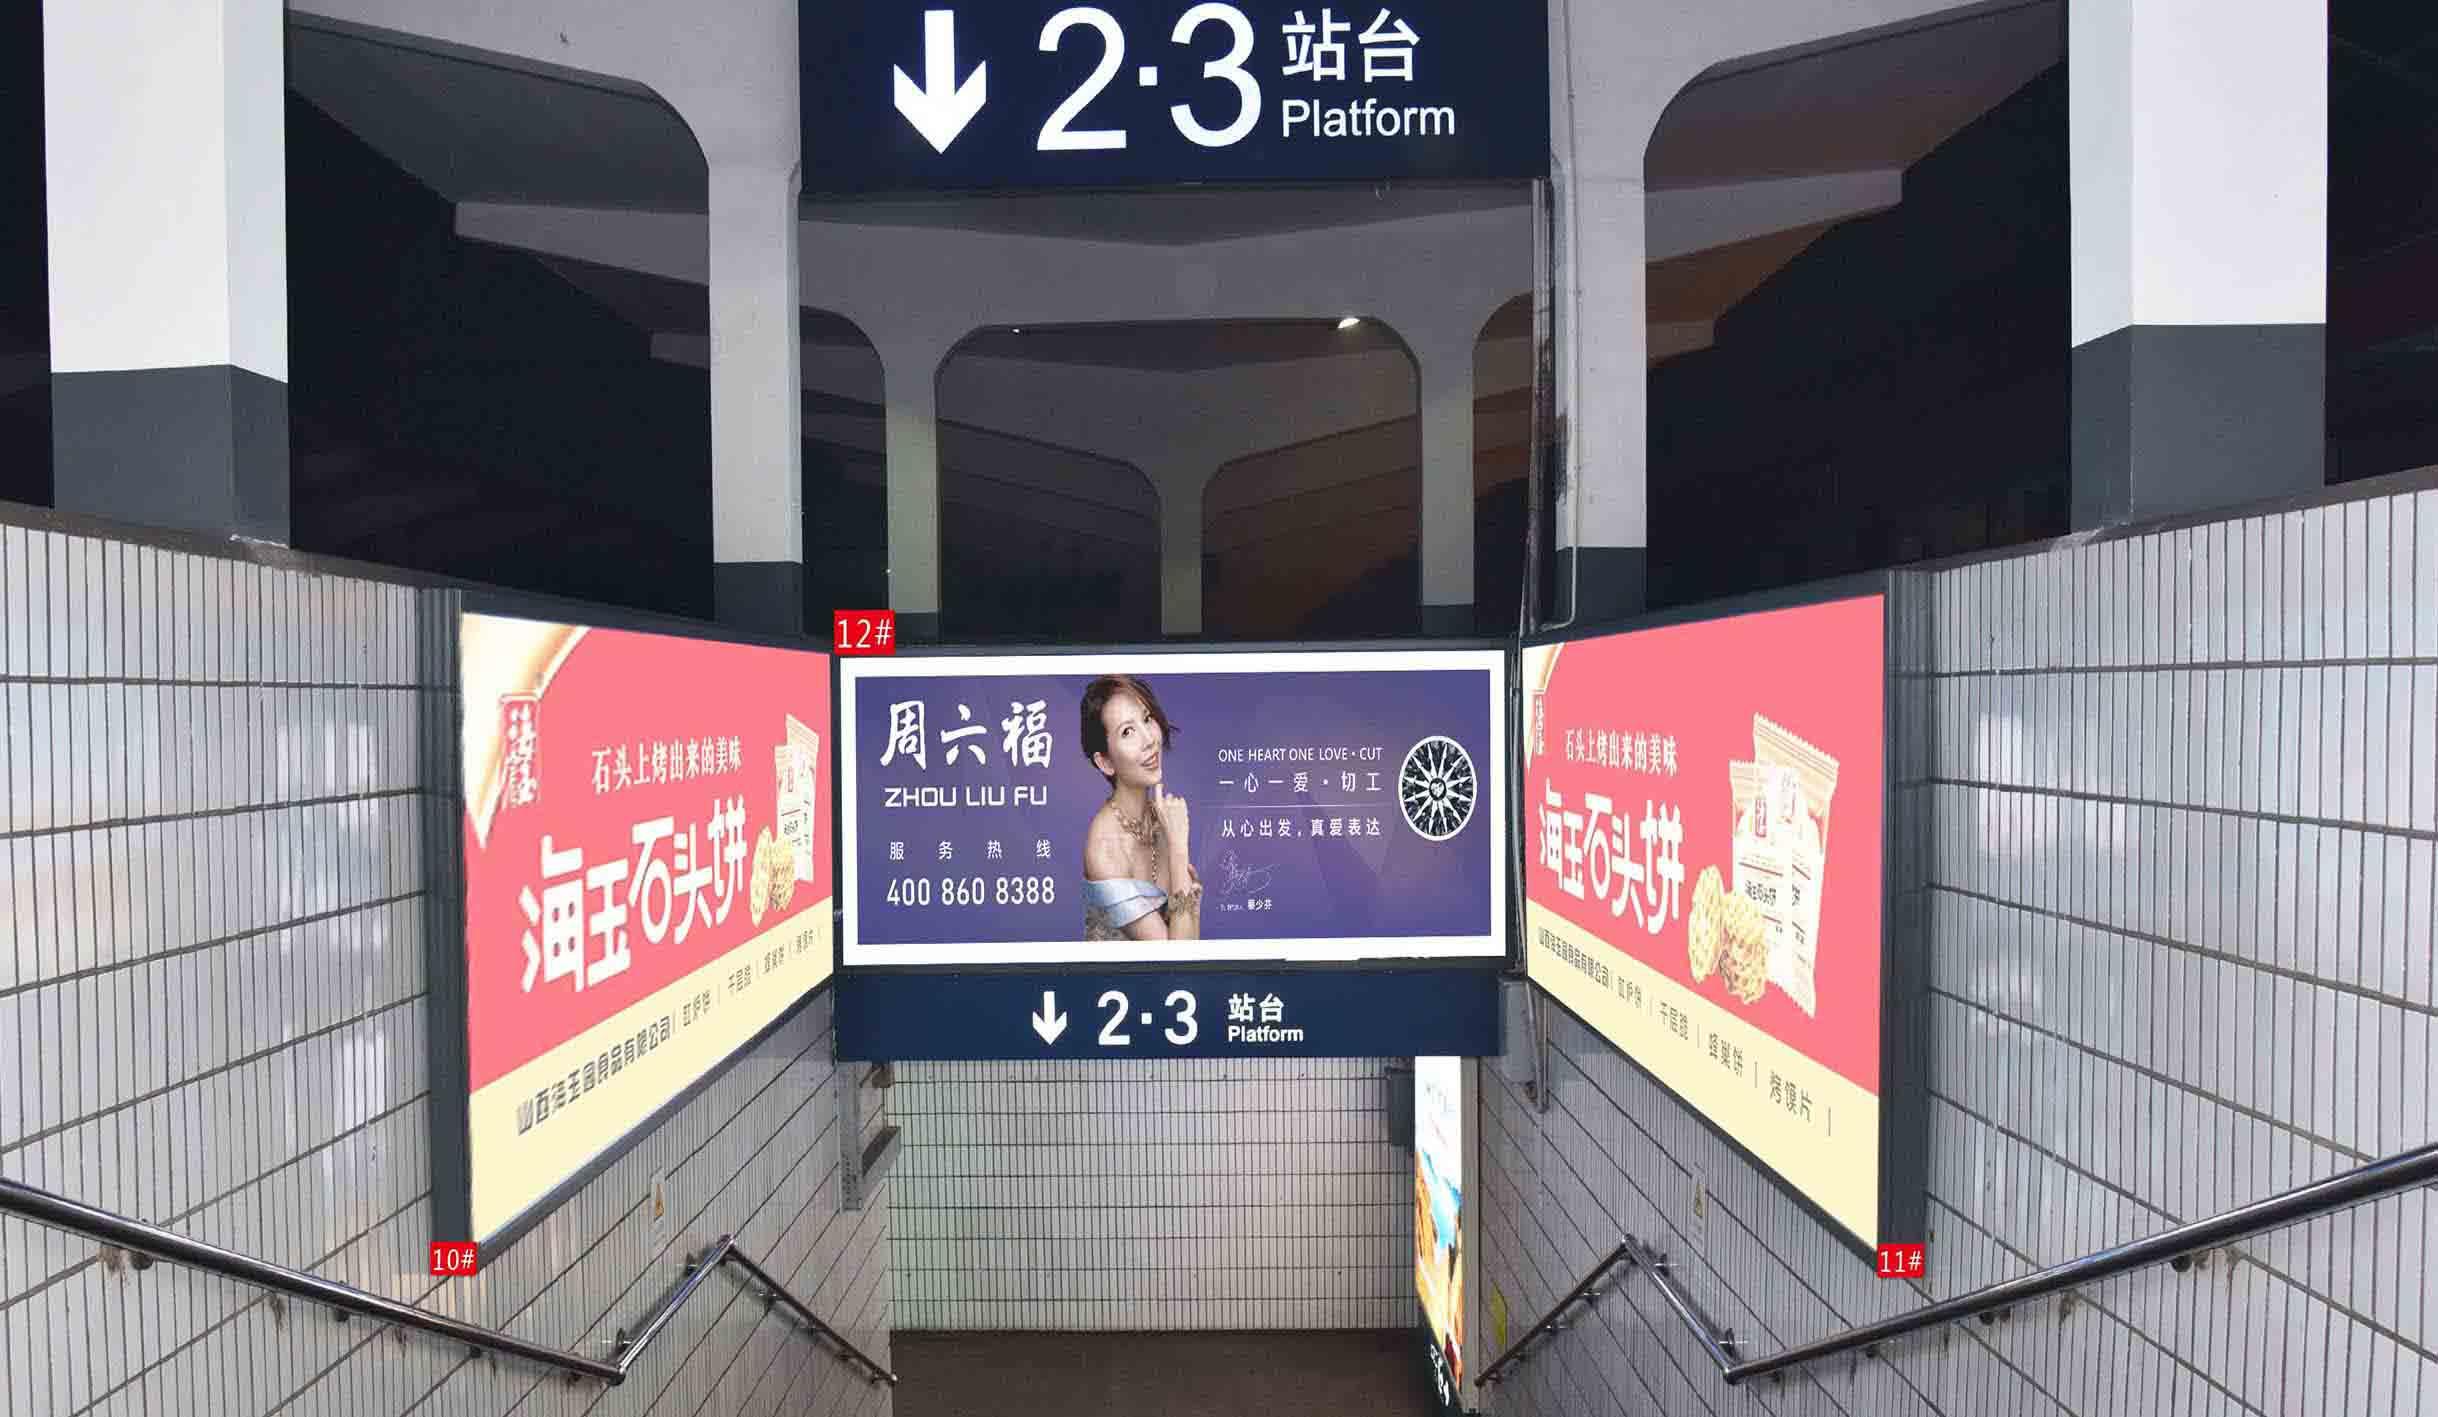 介休火车站2-3站台梯煤灯箱广告10# 、11#、 12#